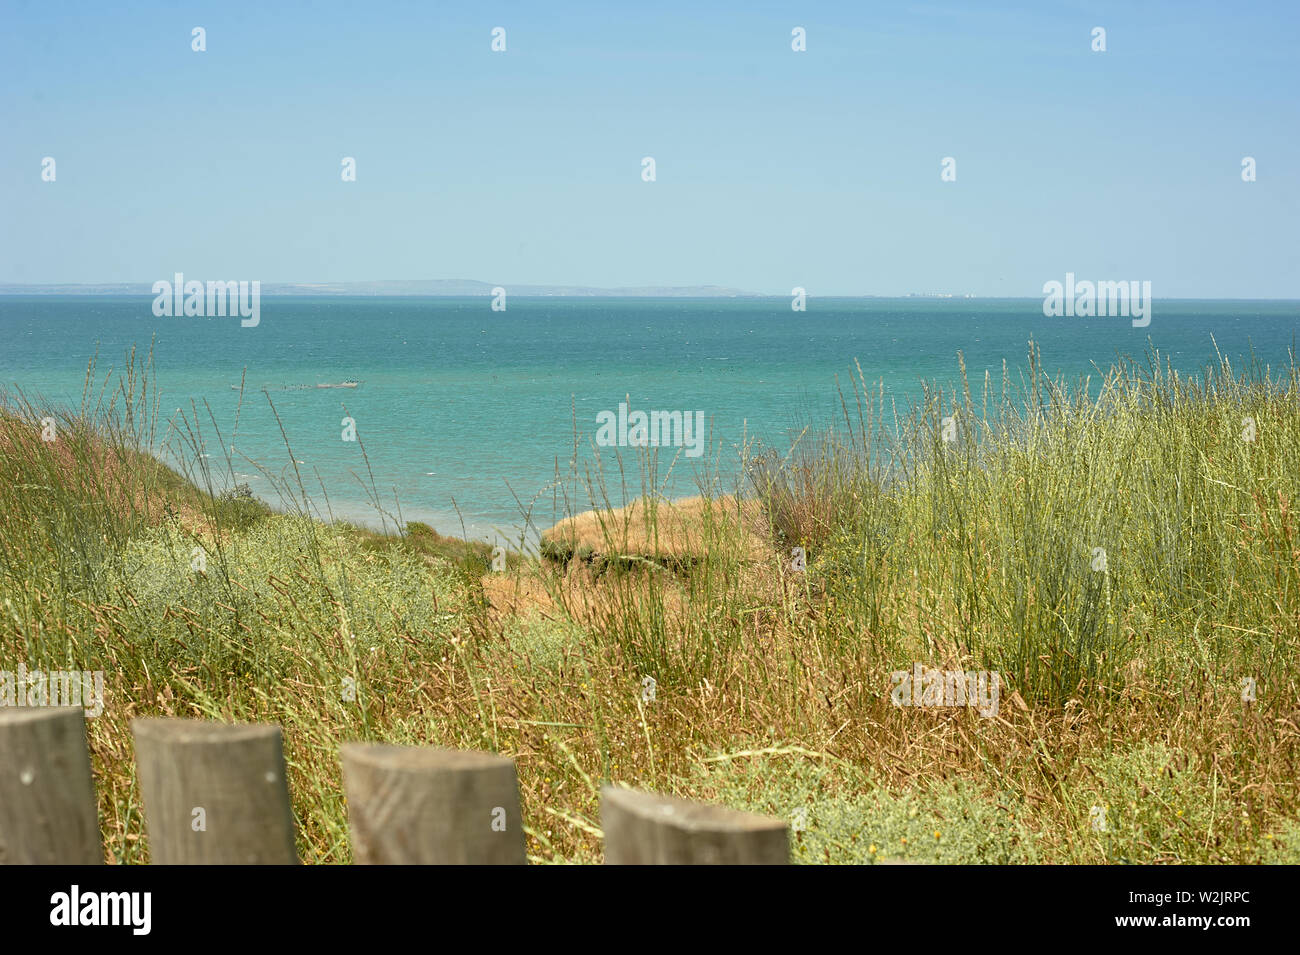 Holzzaun, hohes Gras, Strand und Meerblick.Einfache Schönheit Stockfoto